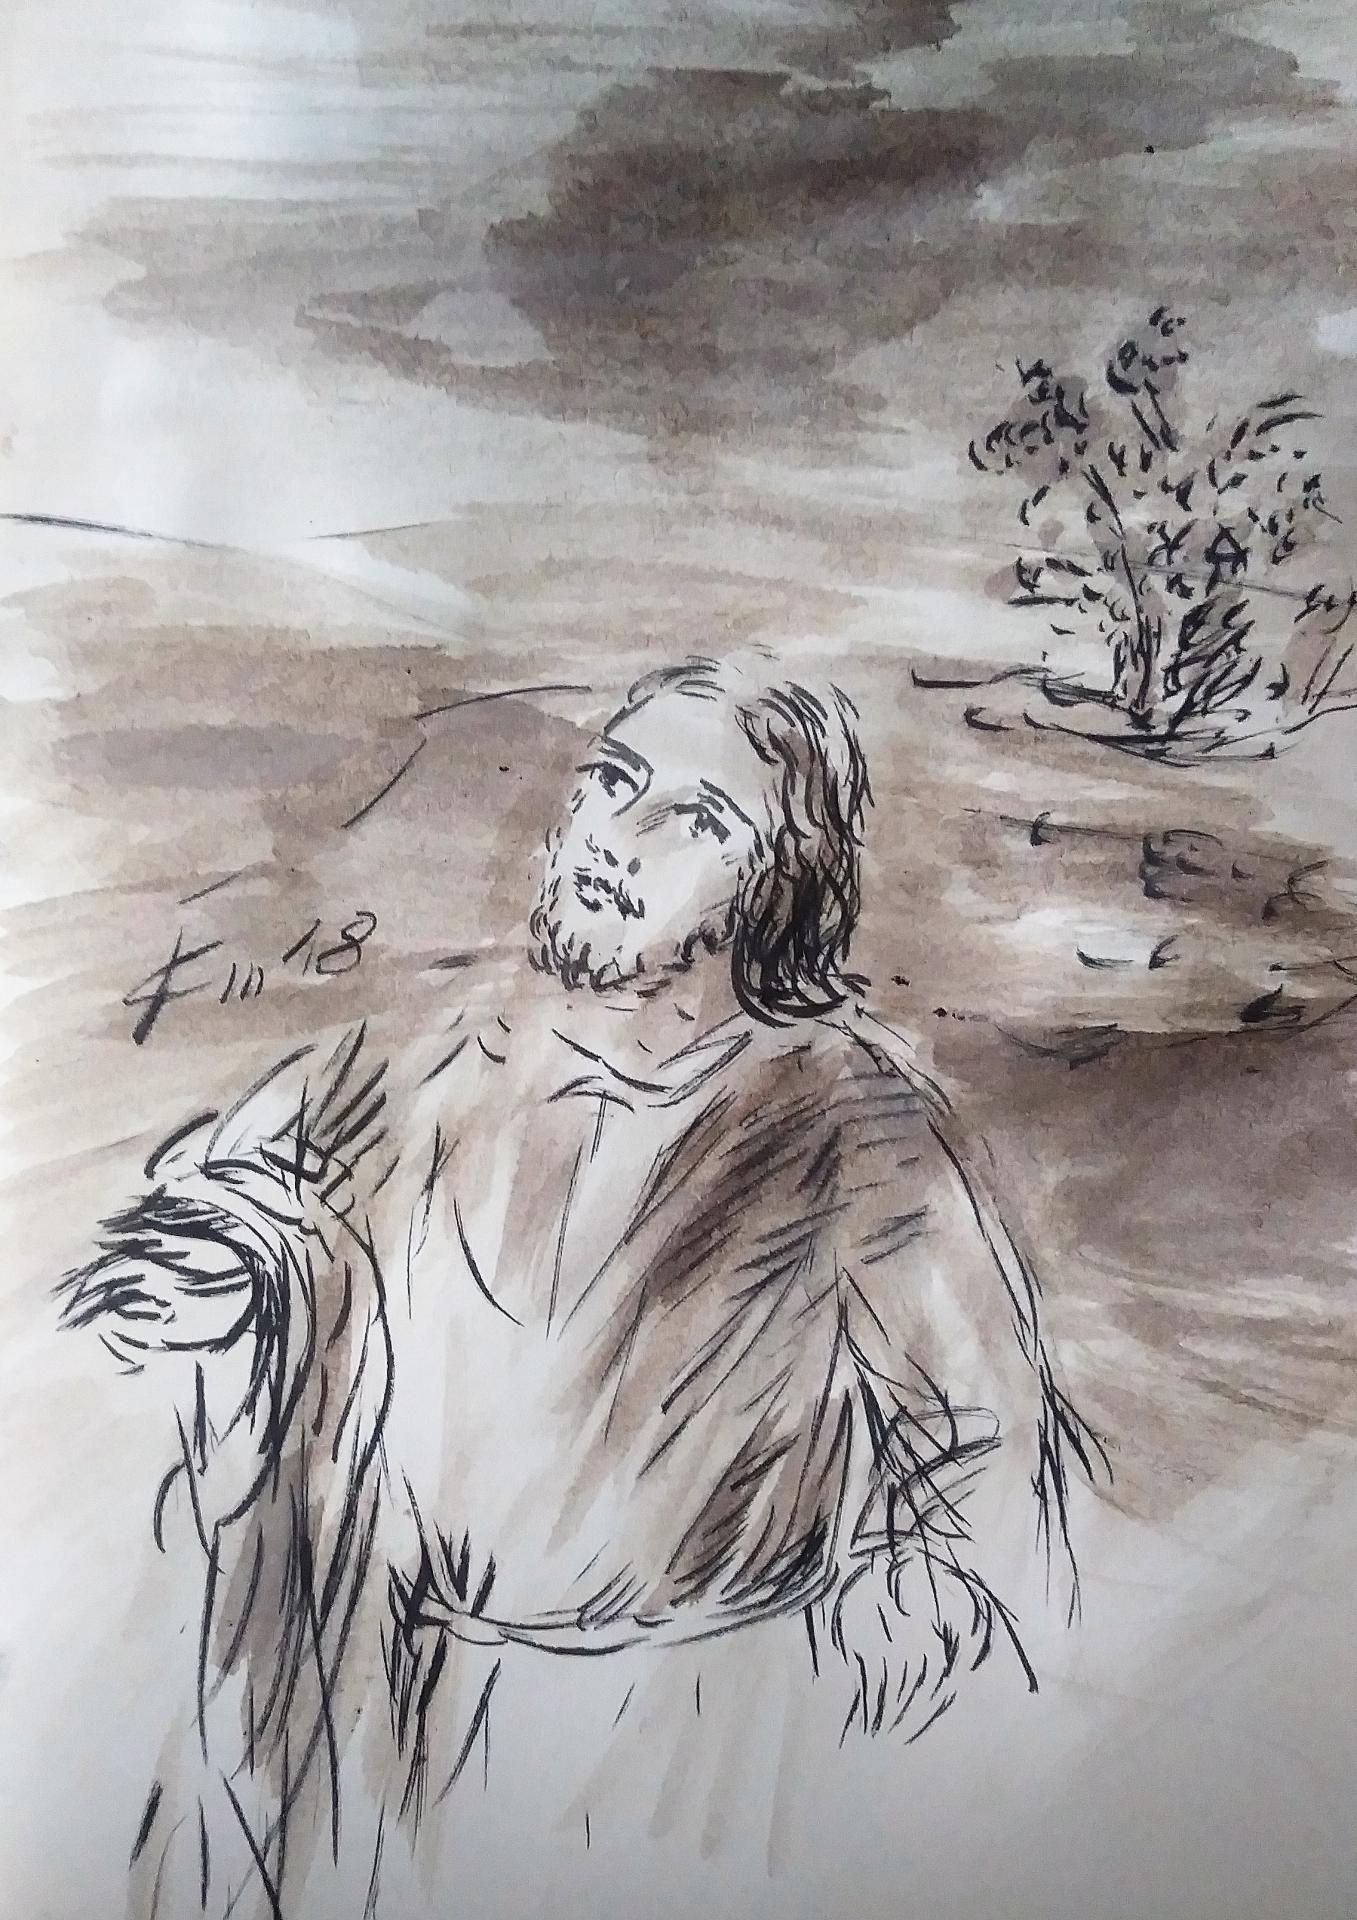 17 Mai 2018, évangile du jour illustré par un dessin au lavis